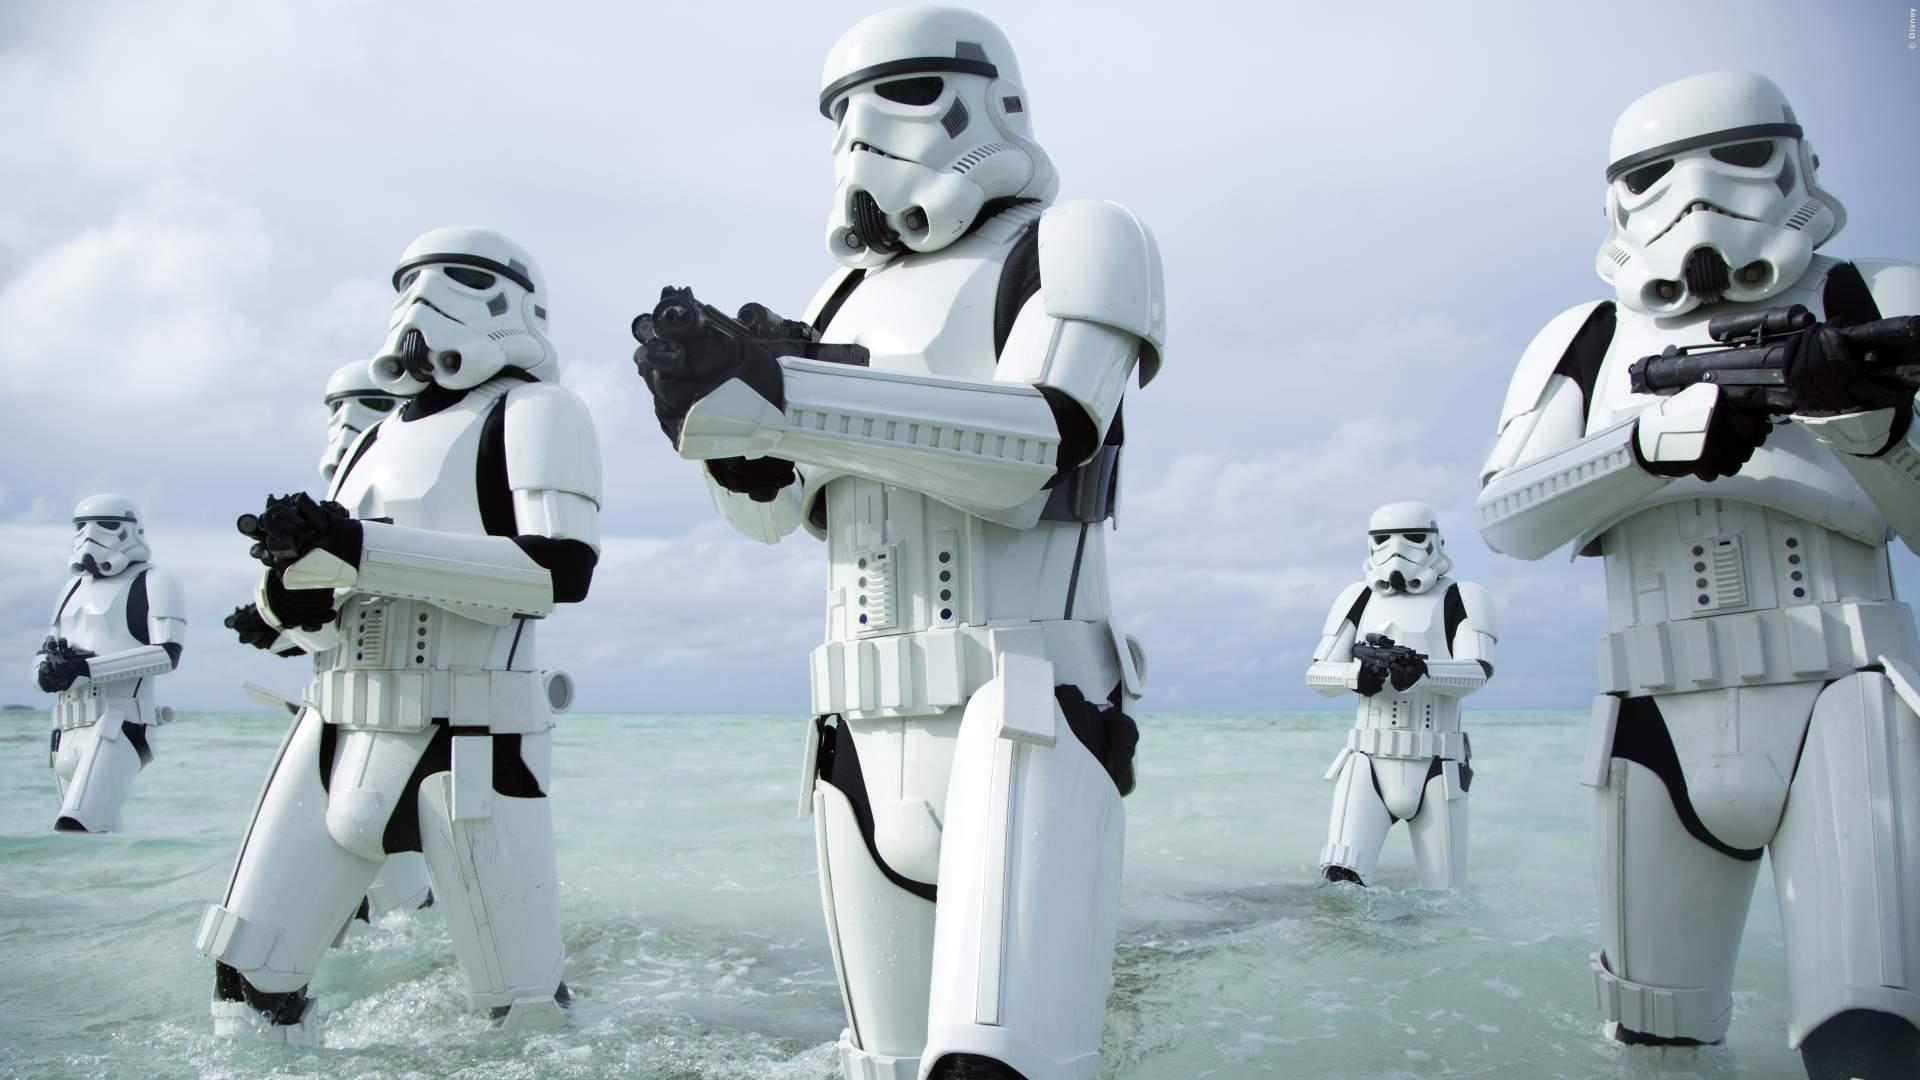 ÜBERRASCHUNG: 'Star Wars 9' bringt tote Figur zurück, mit der keiner gerechnet hat